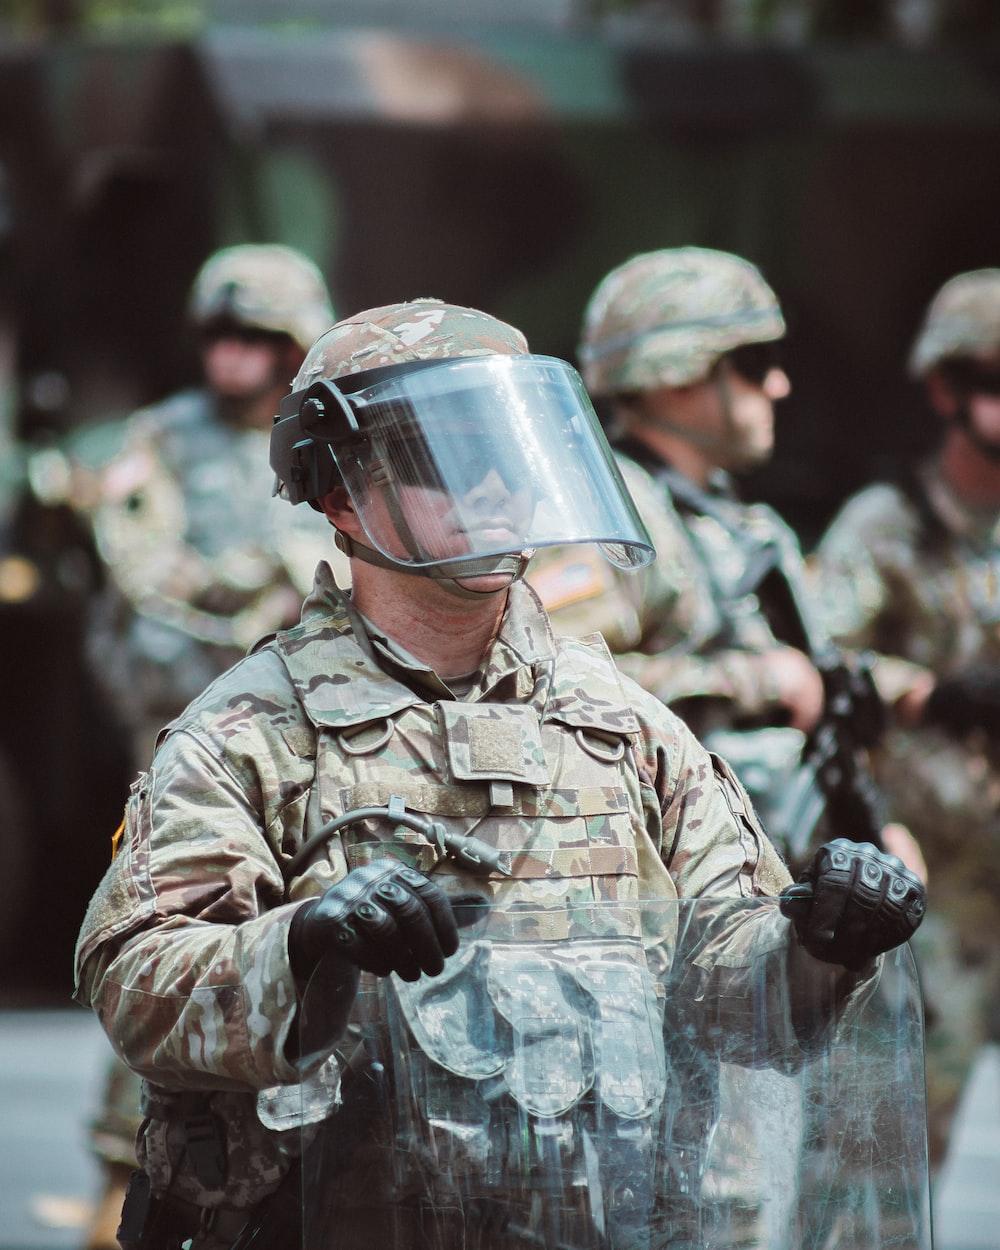 man in brown and black camouflage uniform wearing helmet